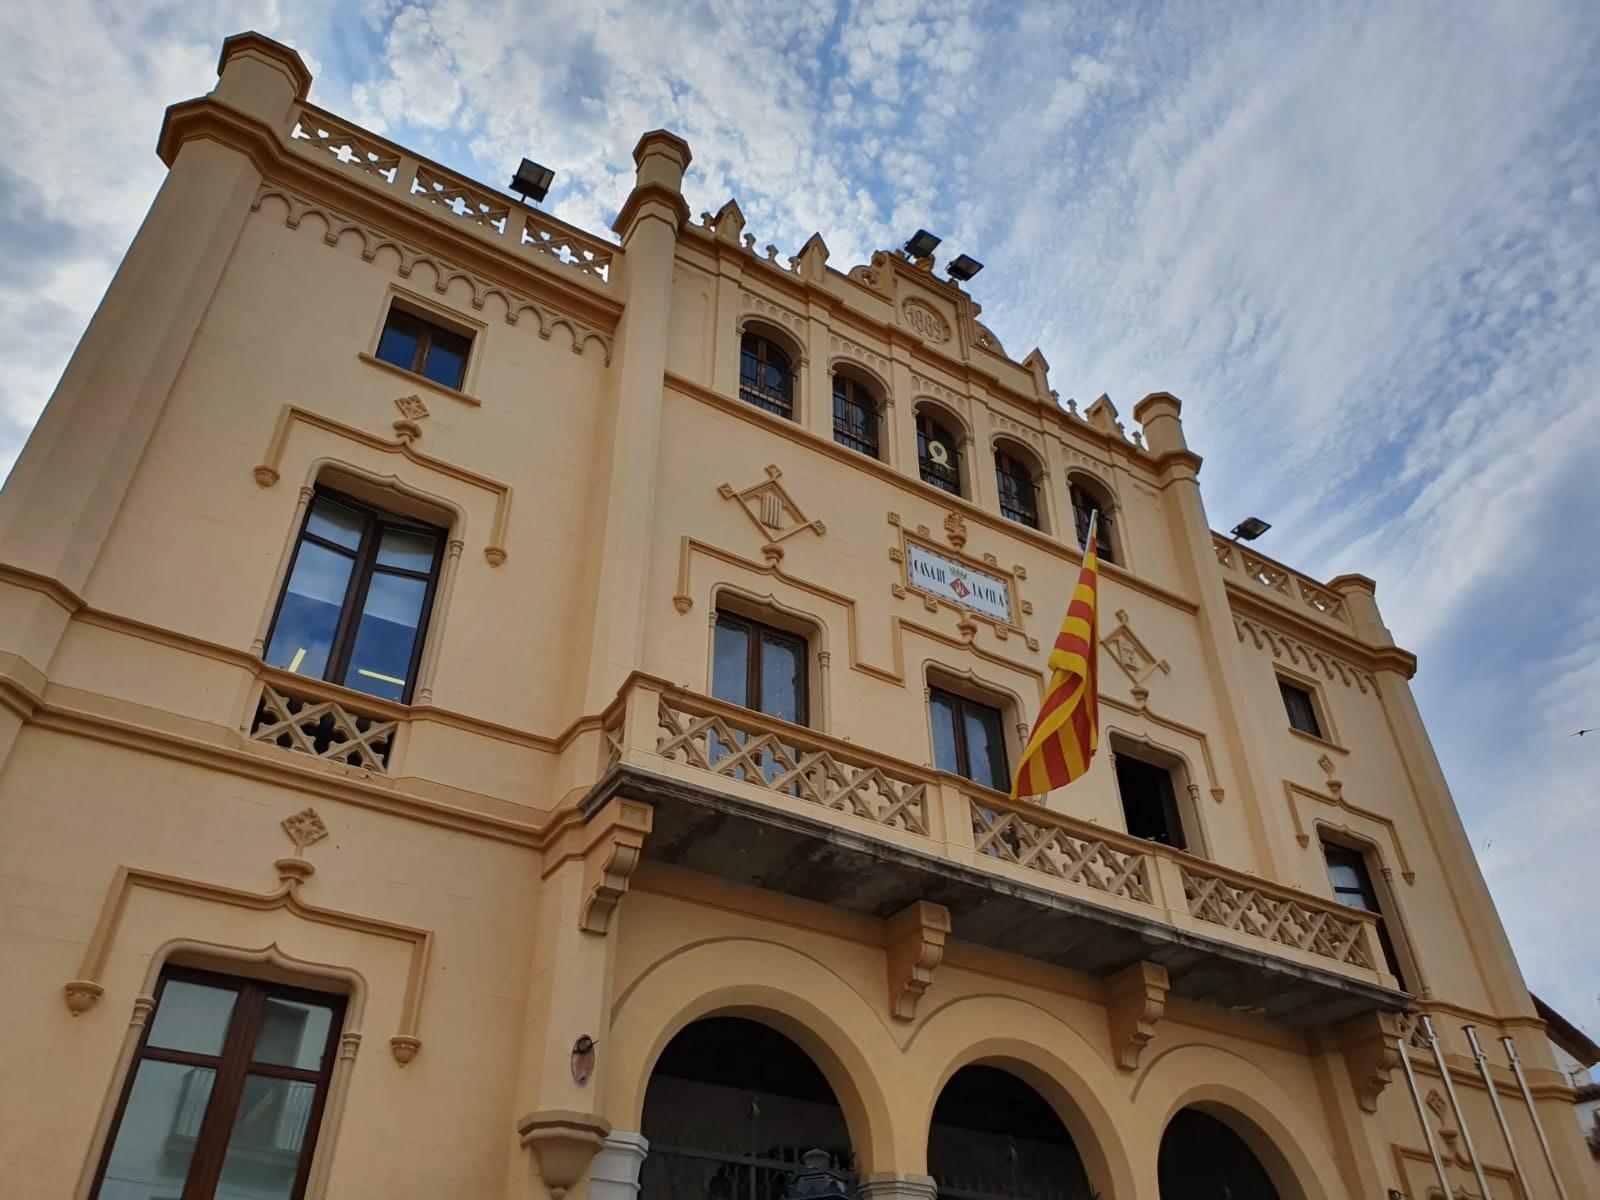 L'Ajuntament impulsa la II Cimera virtual pel Pacte Local per a la recuperació socioeconòmica de Sitges